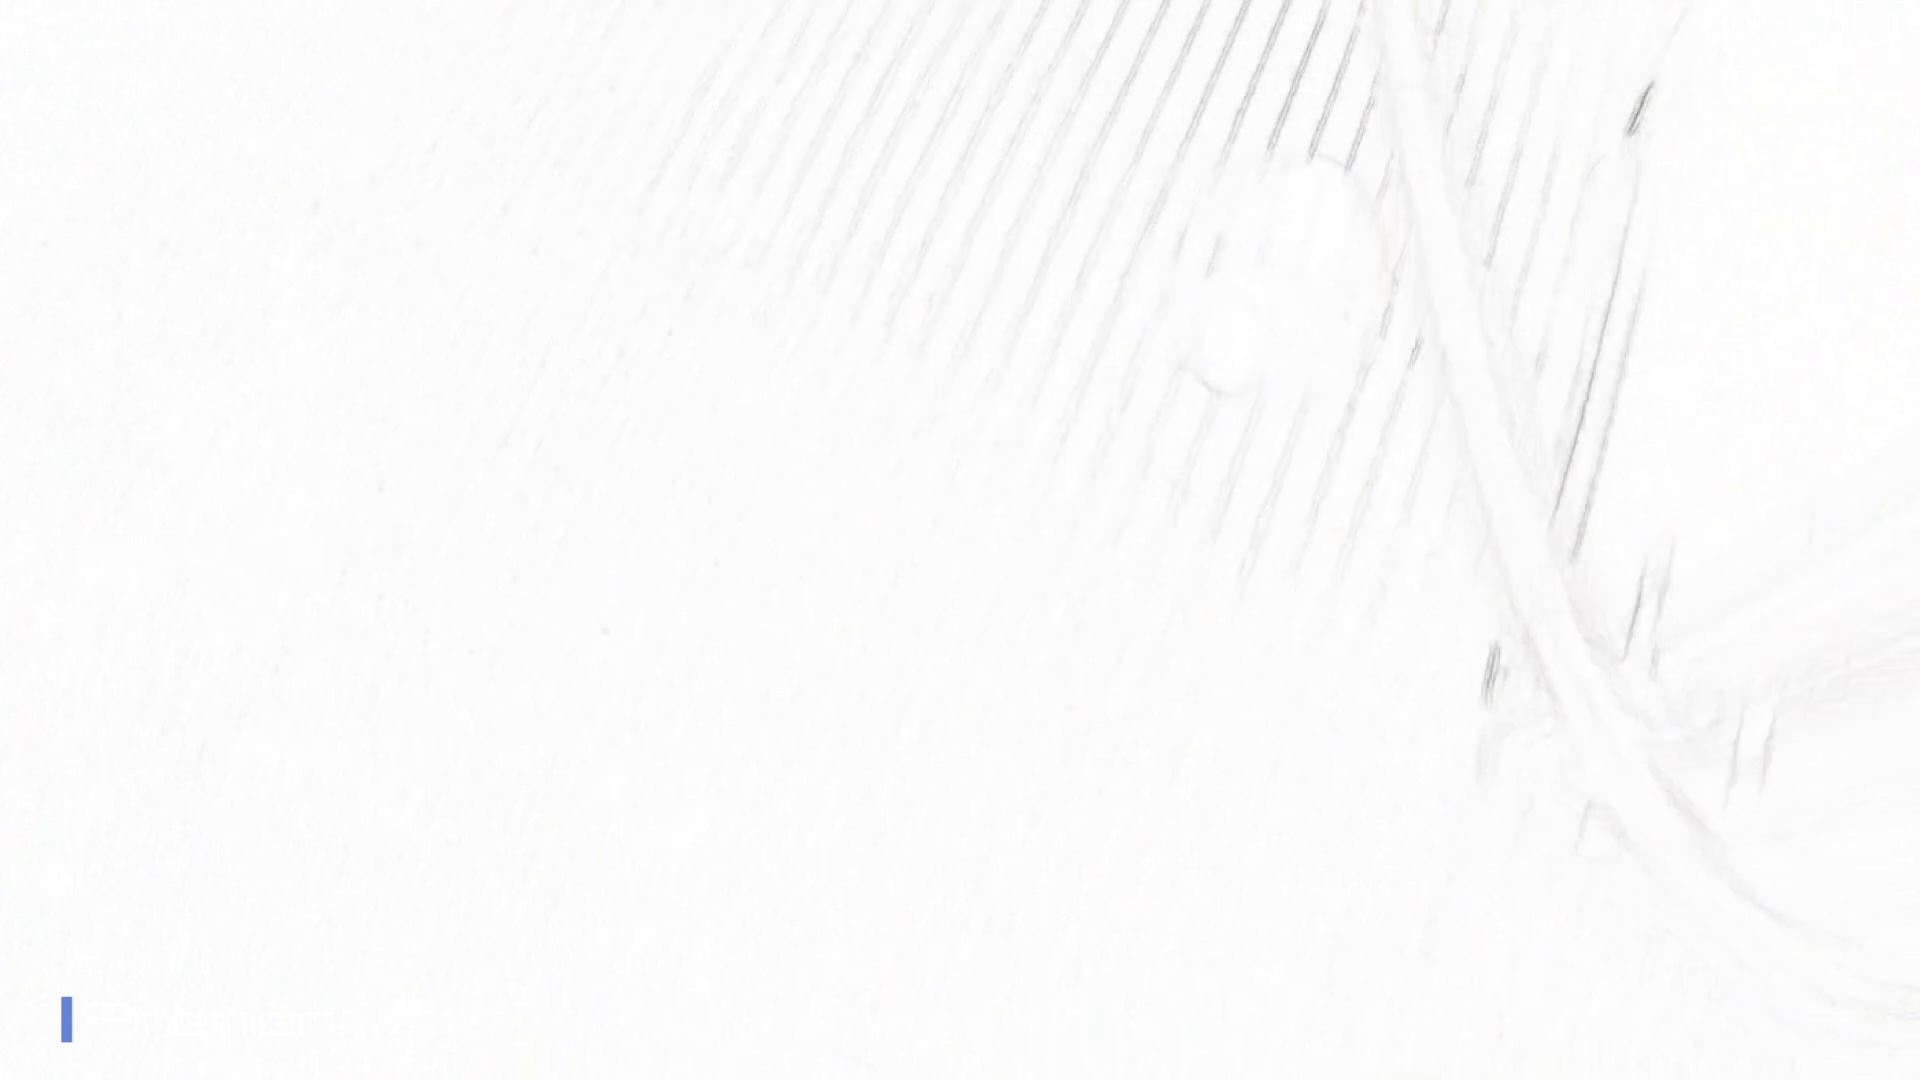 ▲2017_03位▲ 復讐のトイレ盗撮 Vol.01 丸見え すけべAV動画紹介 70画像 27